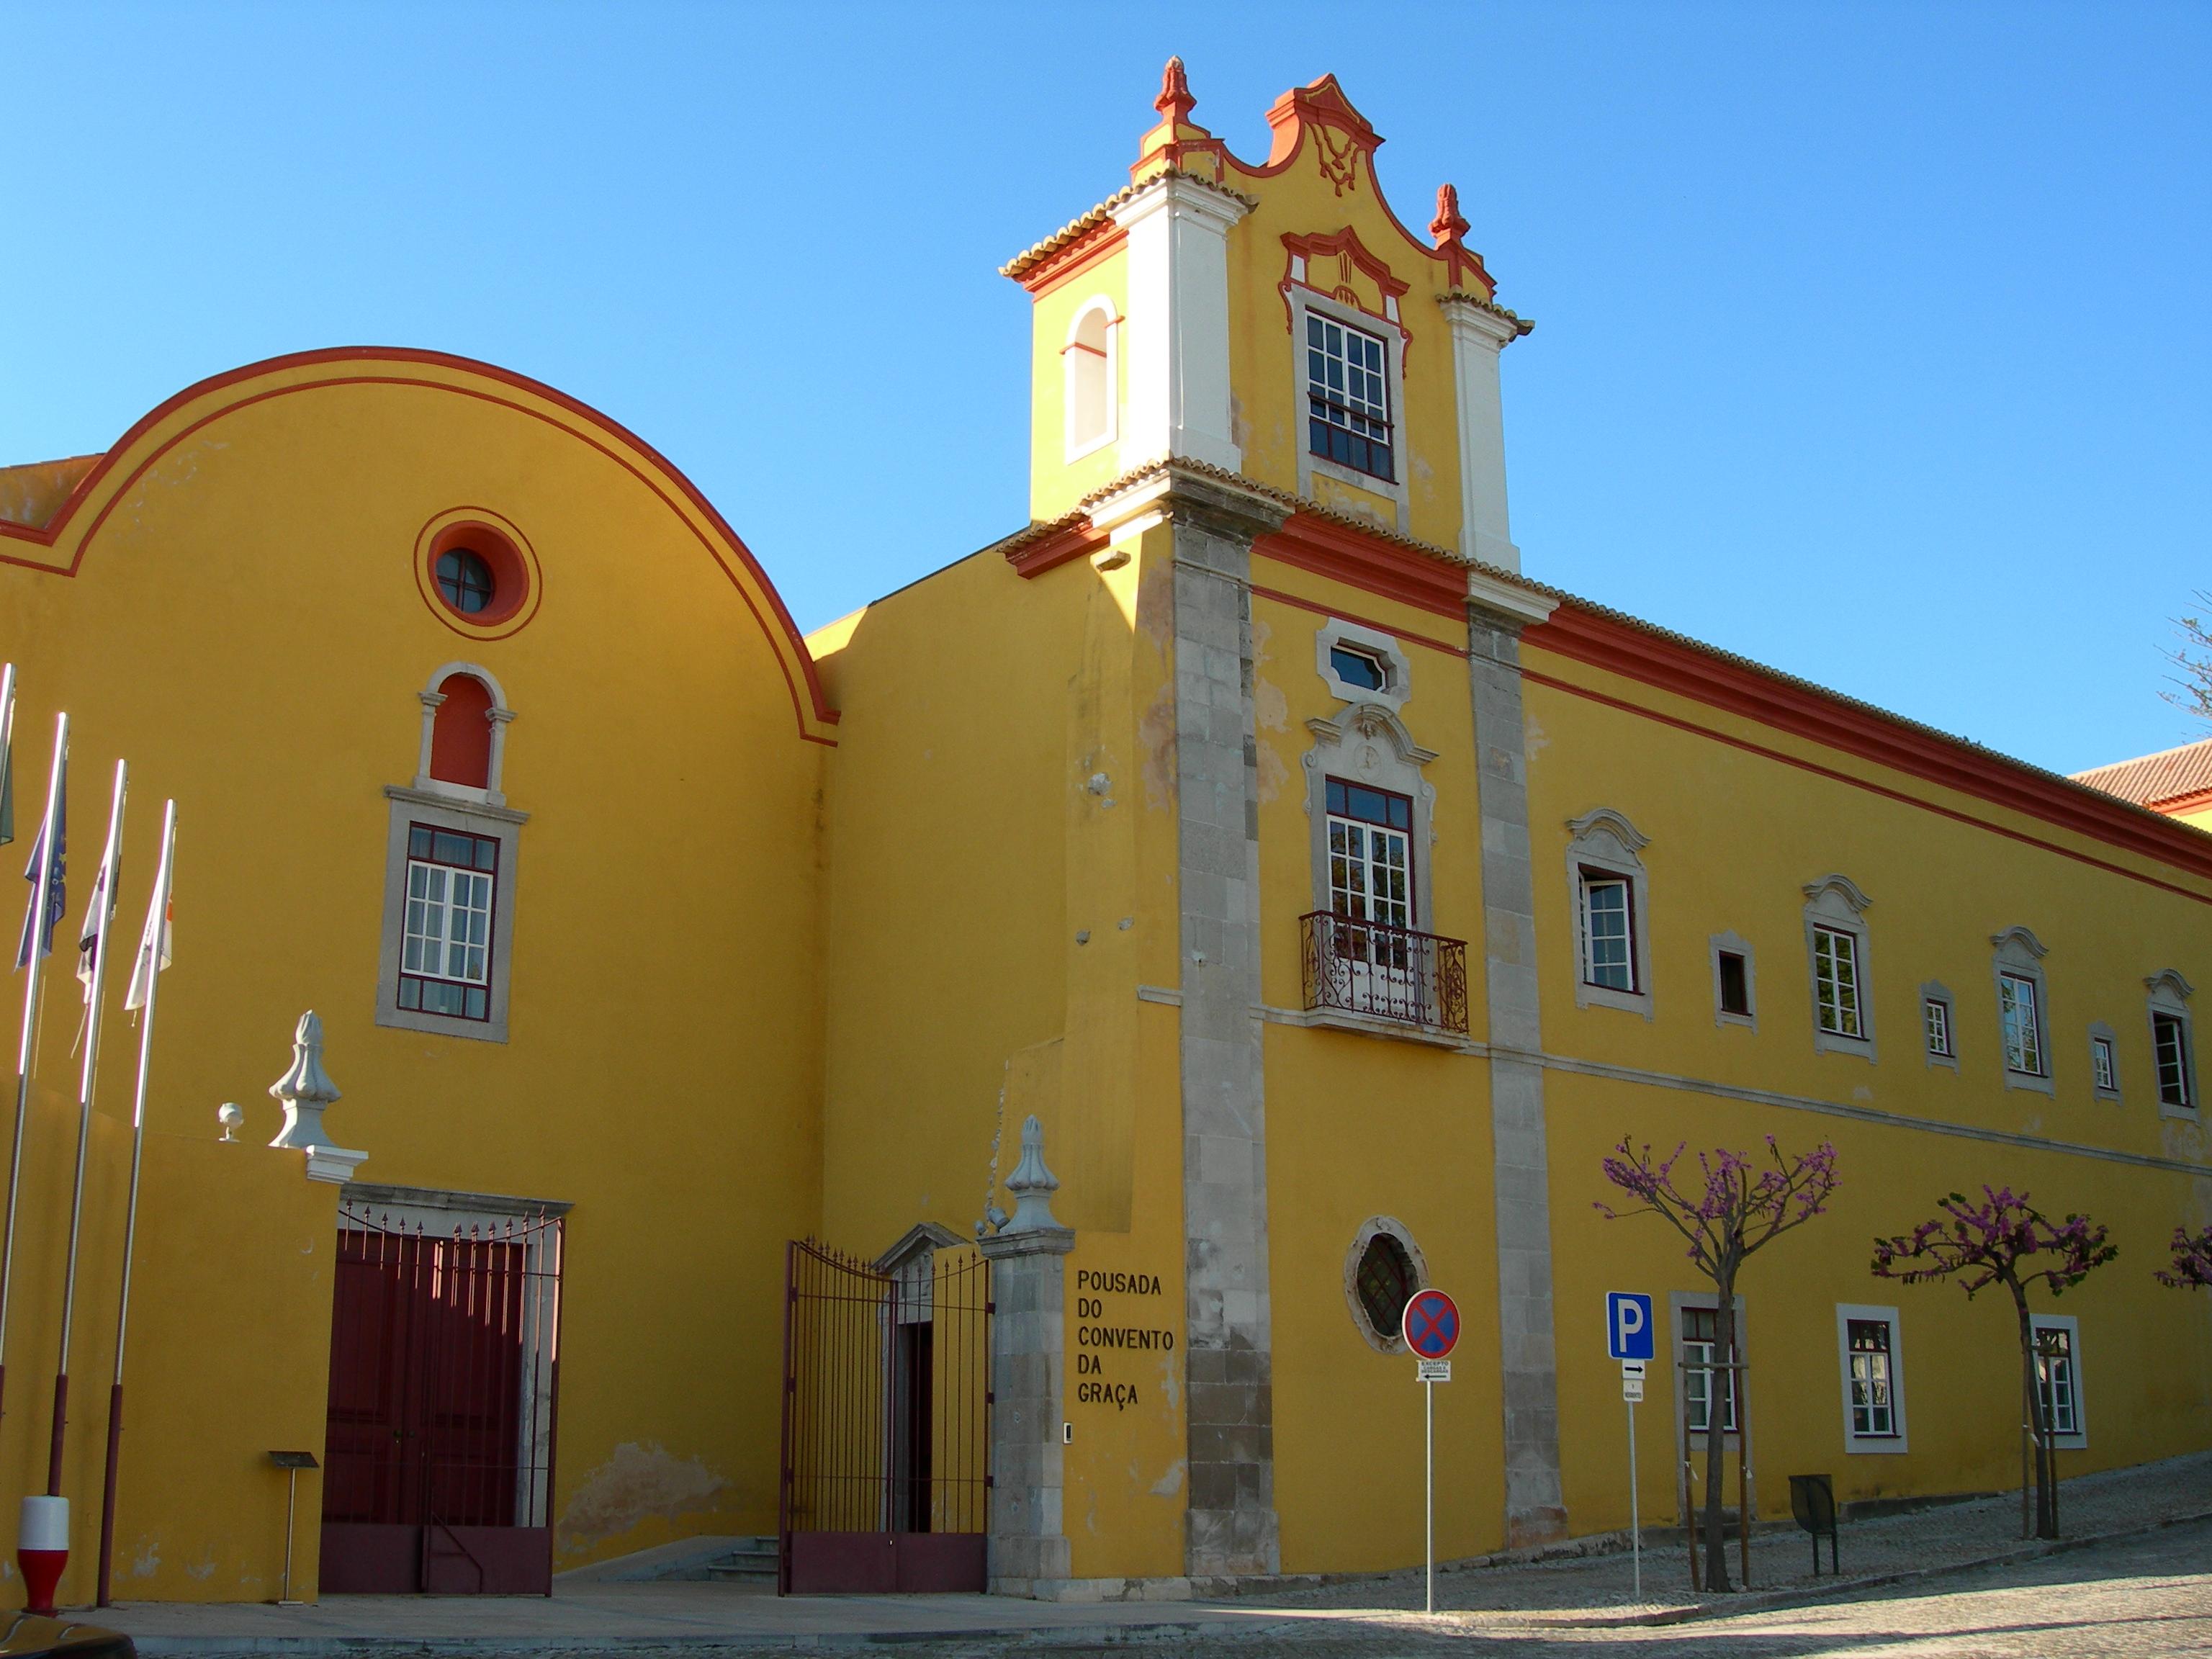 Convento de Nossa Senhora da Graca